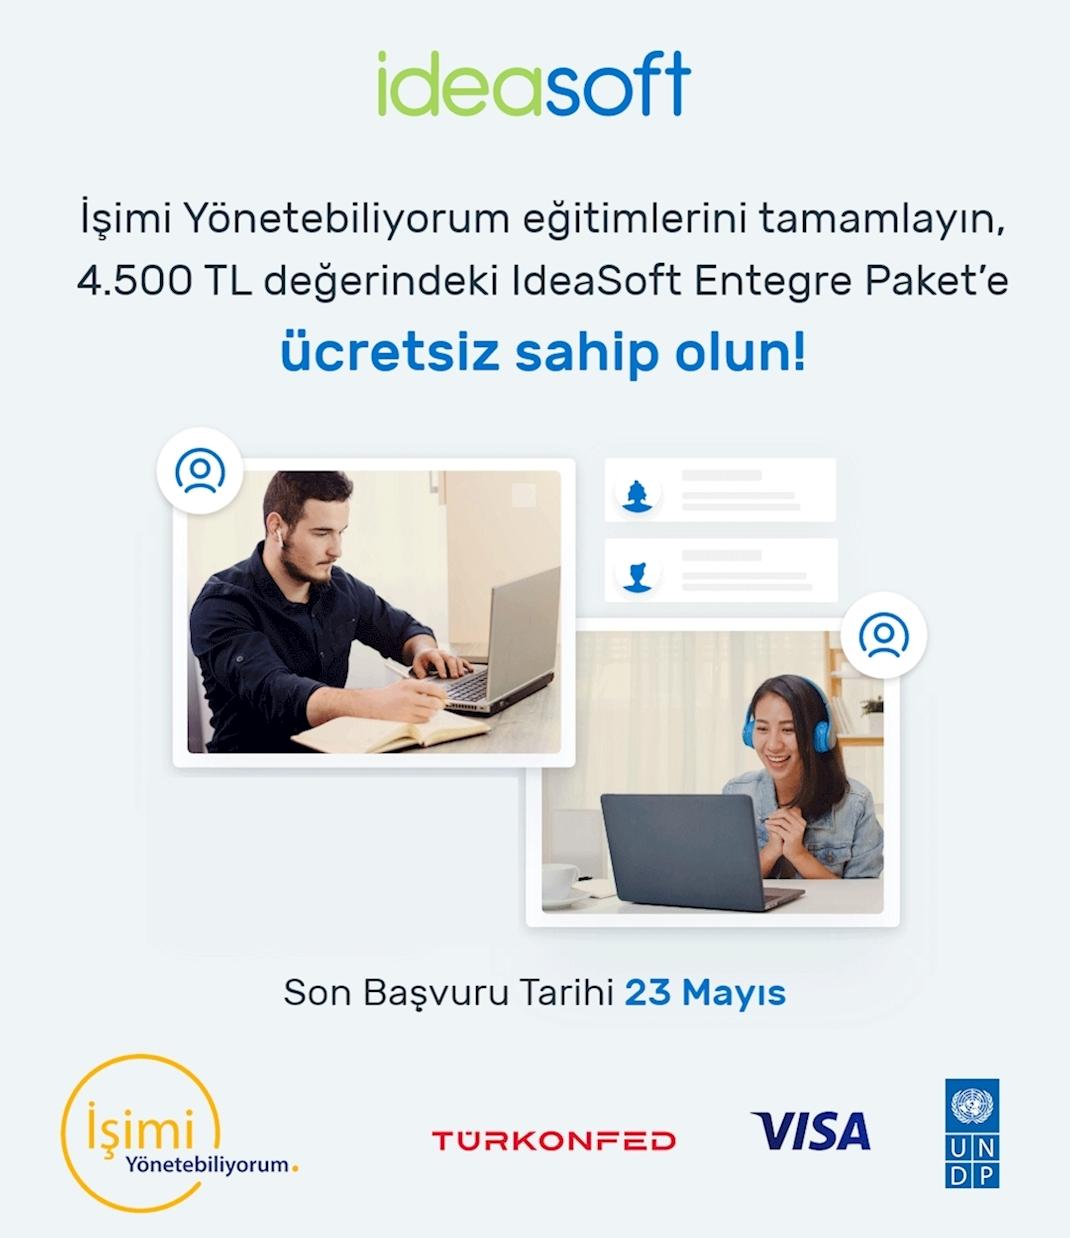 Dijitalleşmek İsteyen Girişimci ve KOBİ'lere Büyük Bayram Hediyesi!